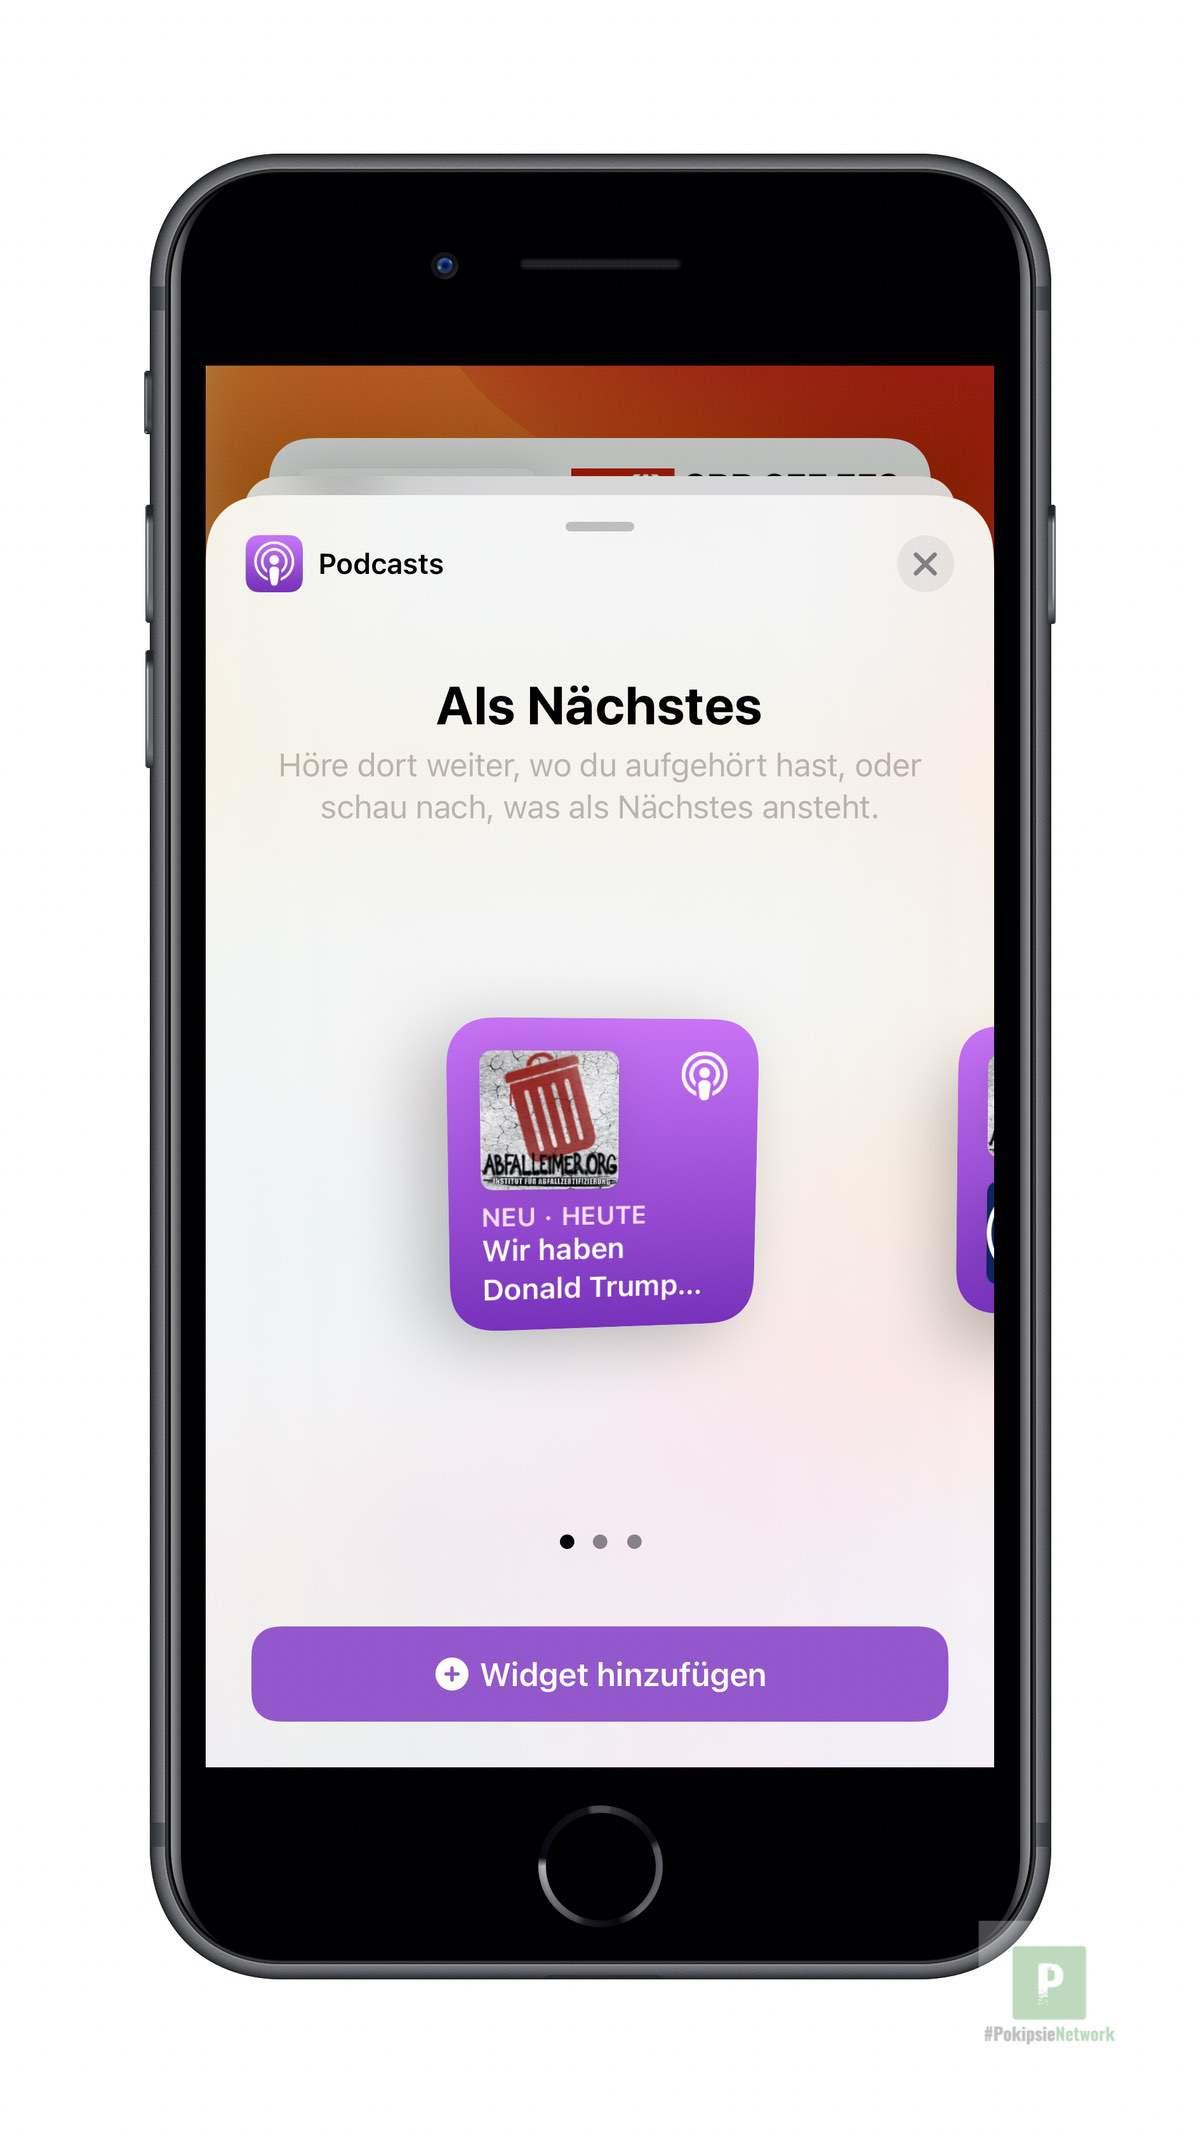 Apple Podcasts - Widgets aussuchen klein